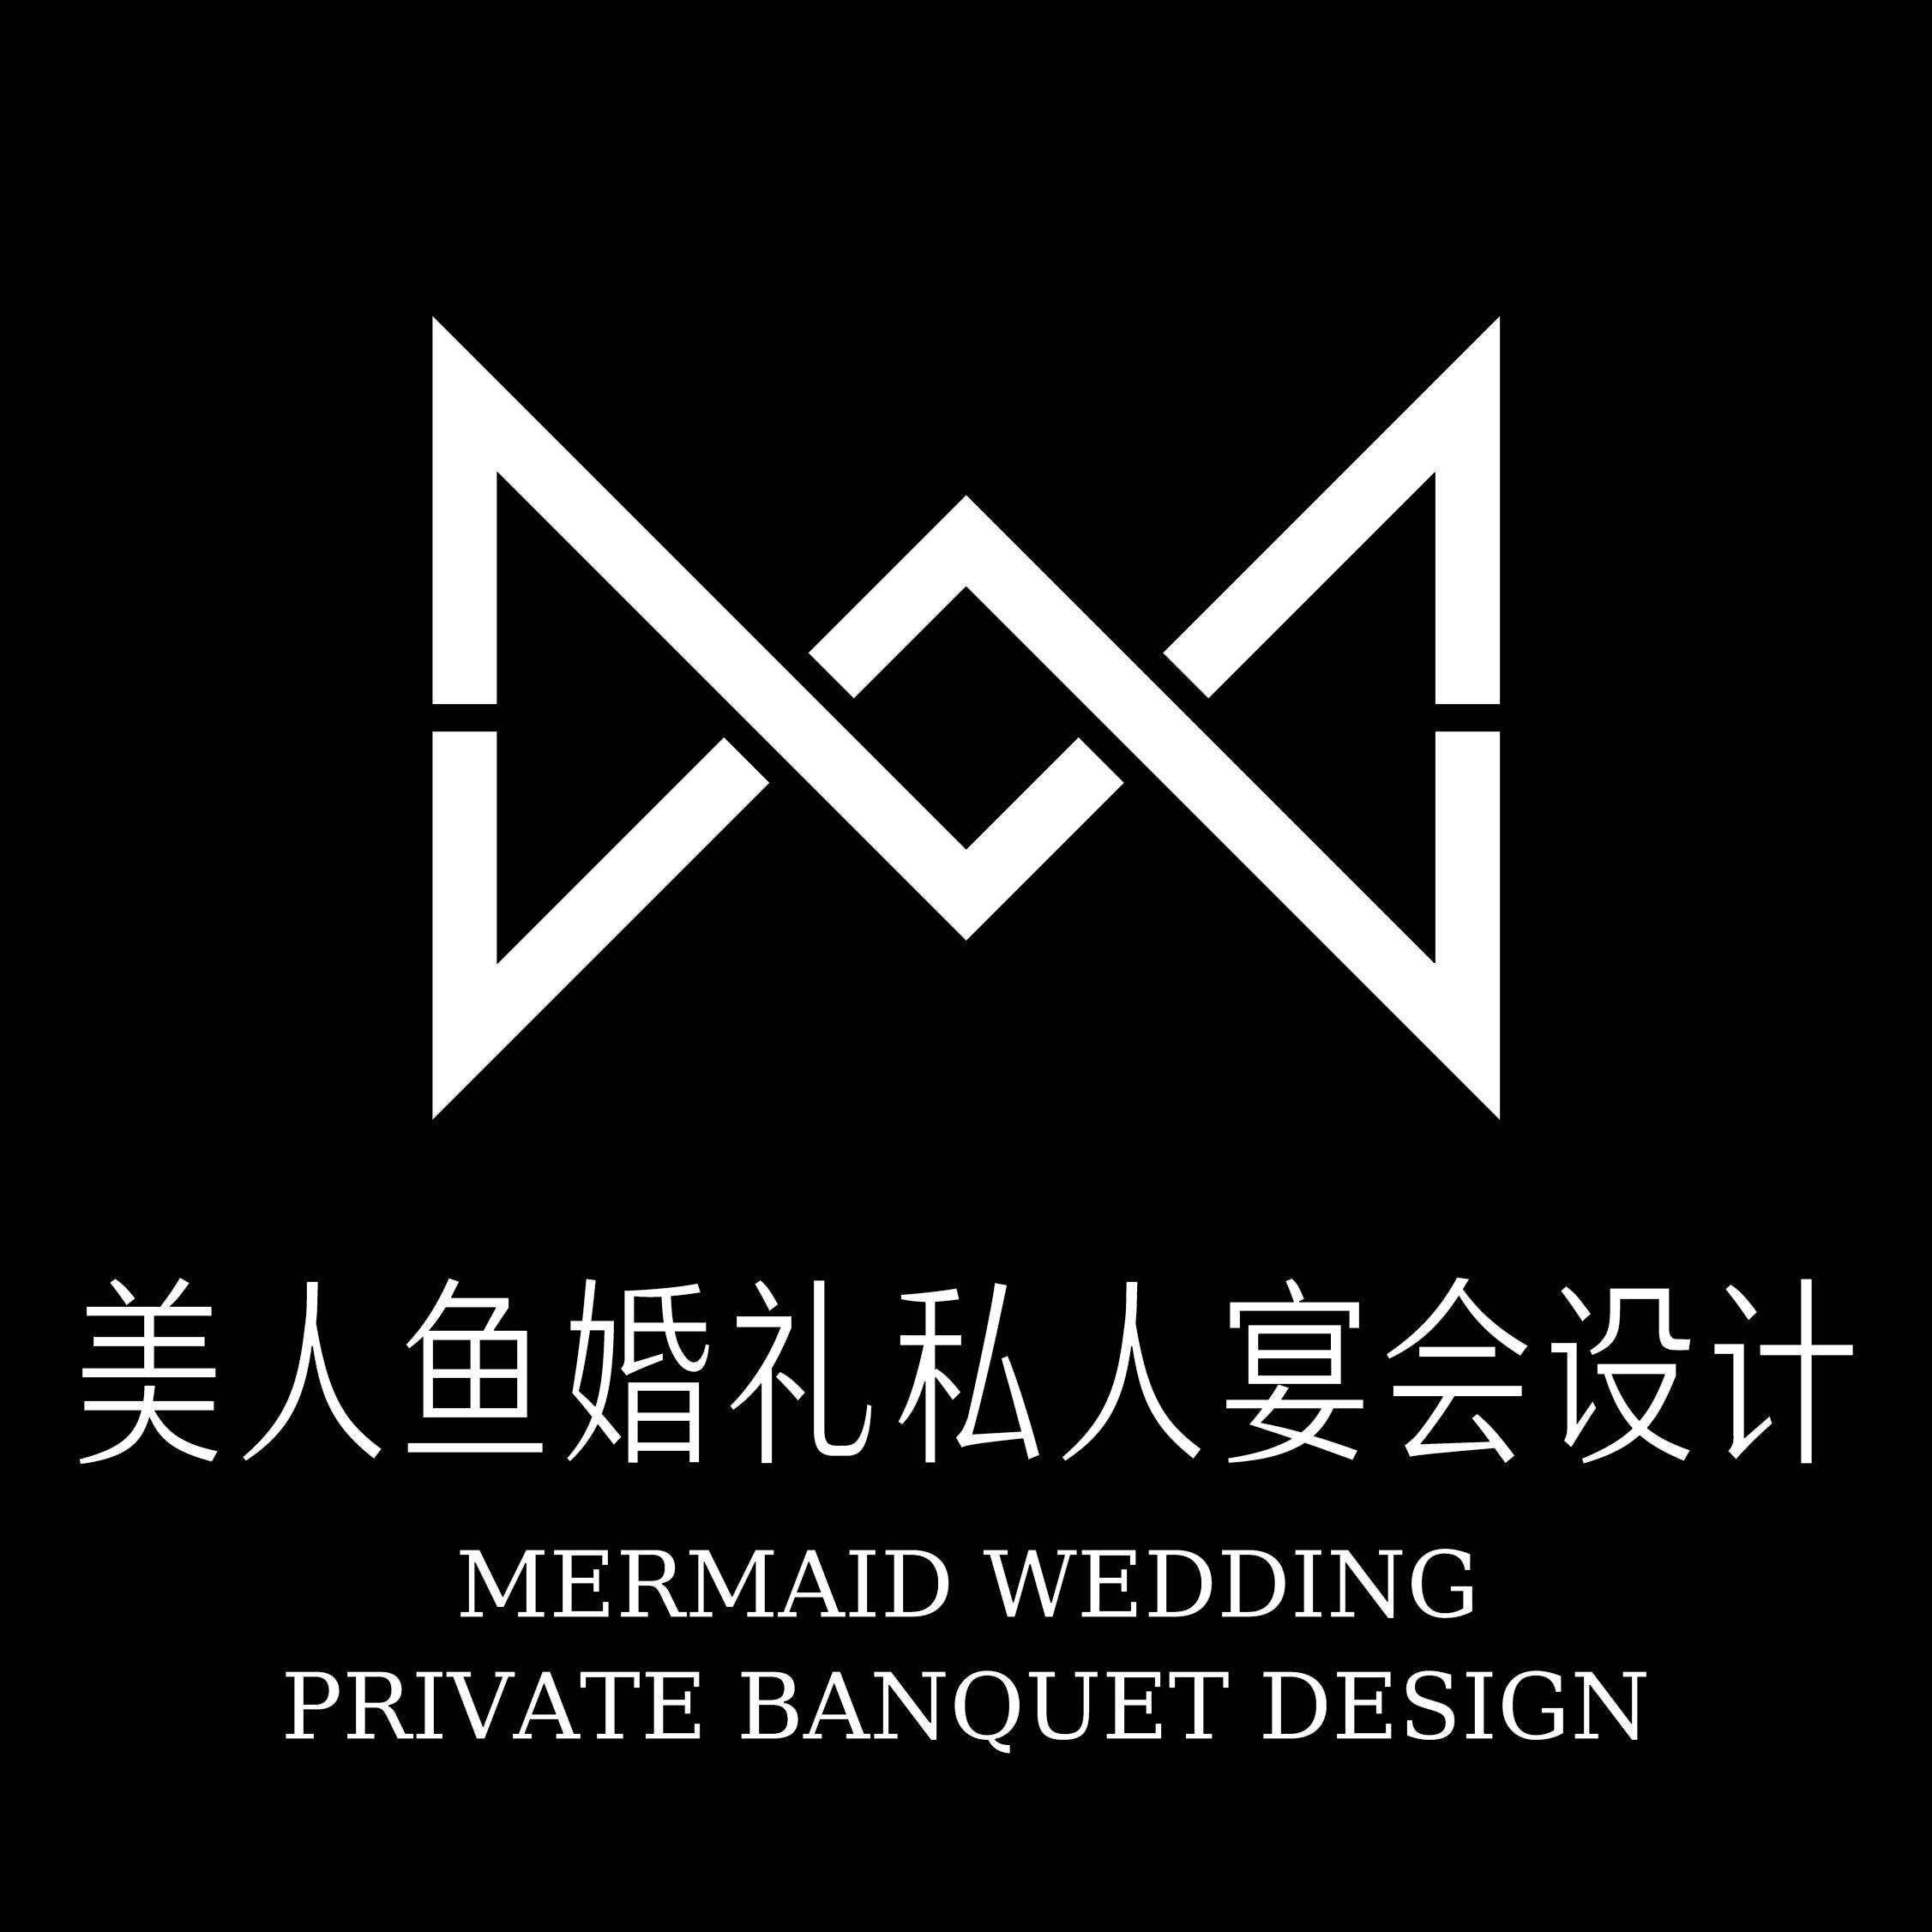 美人鱼婚礼私人宴会定制